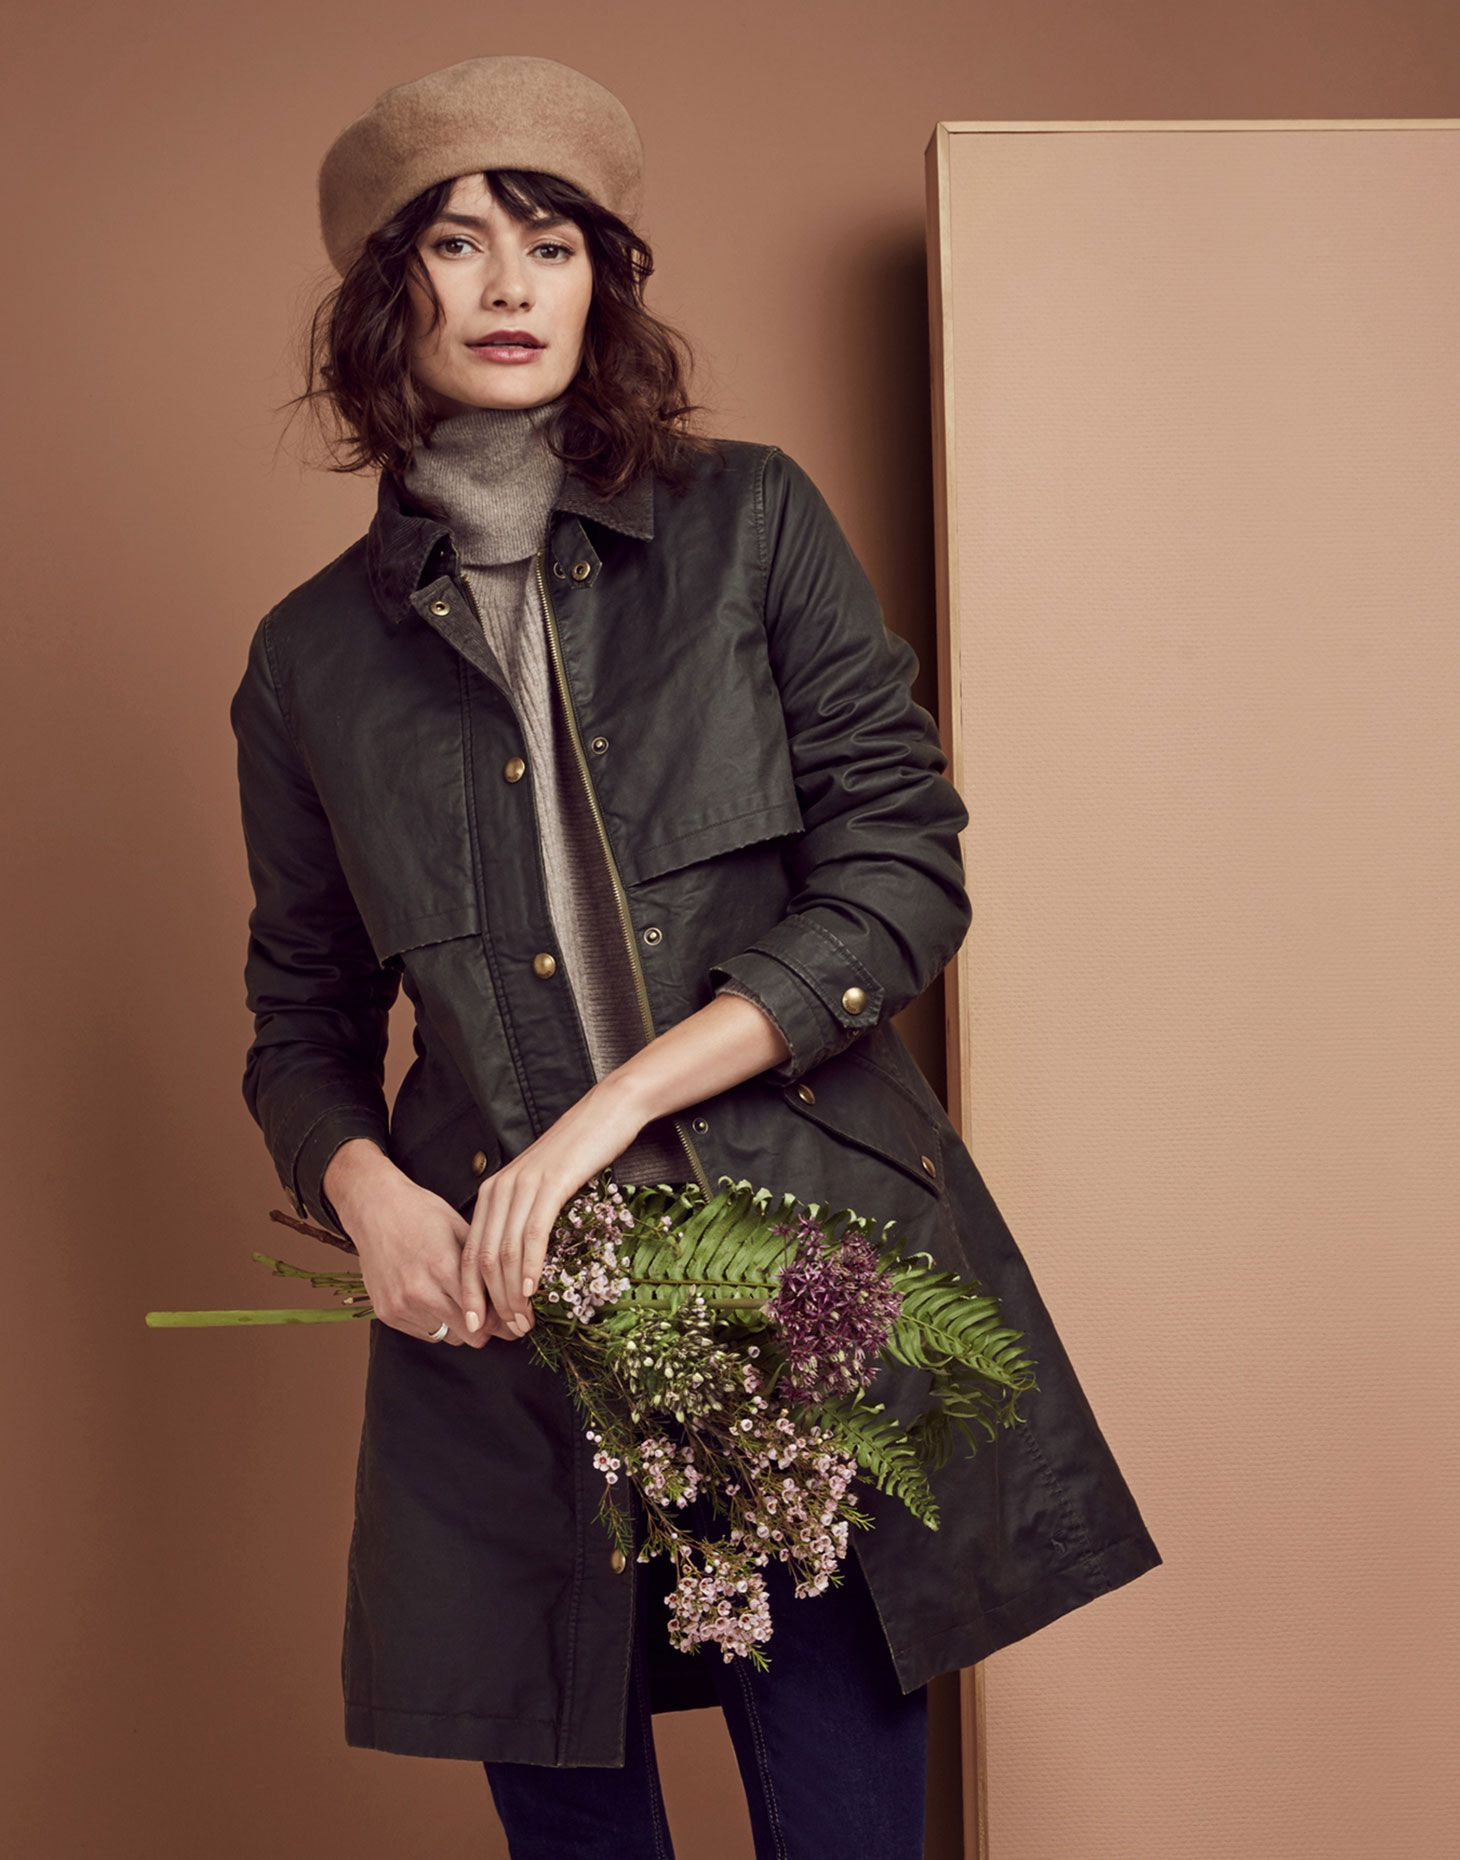 Joules Waxed Coats, Jackets